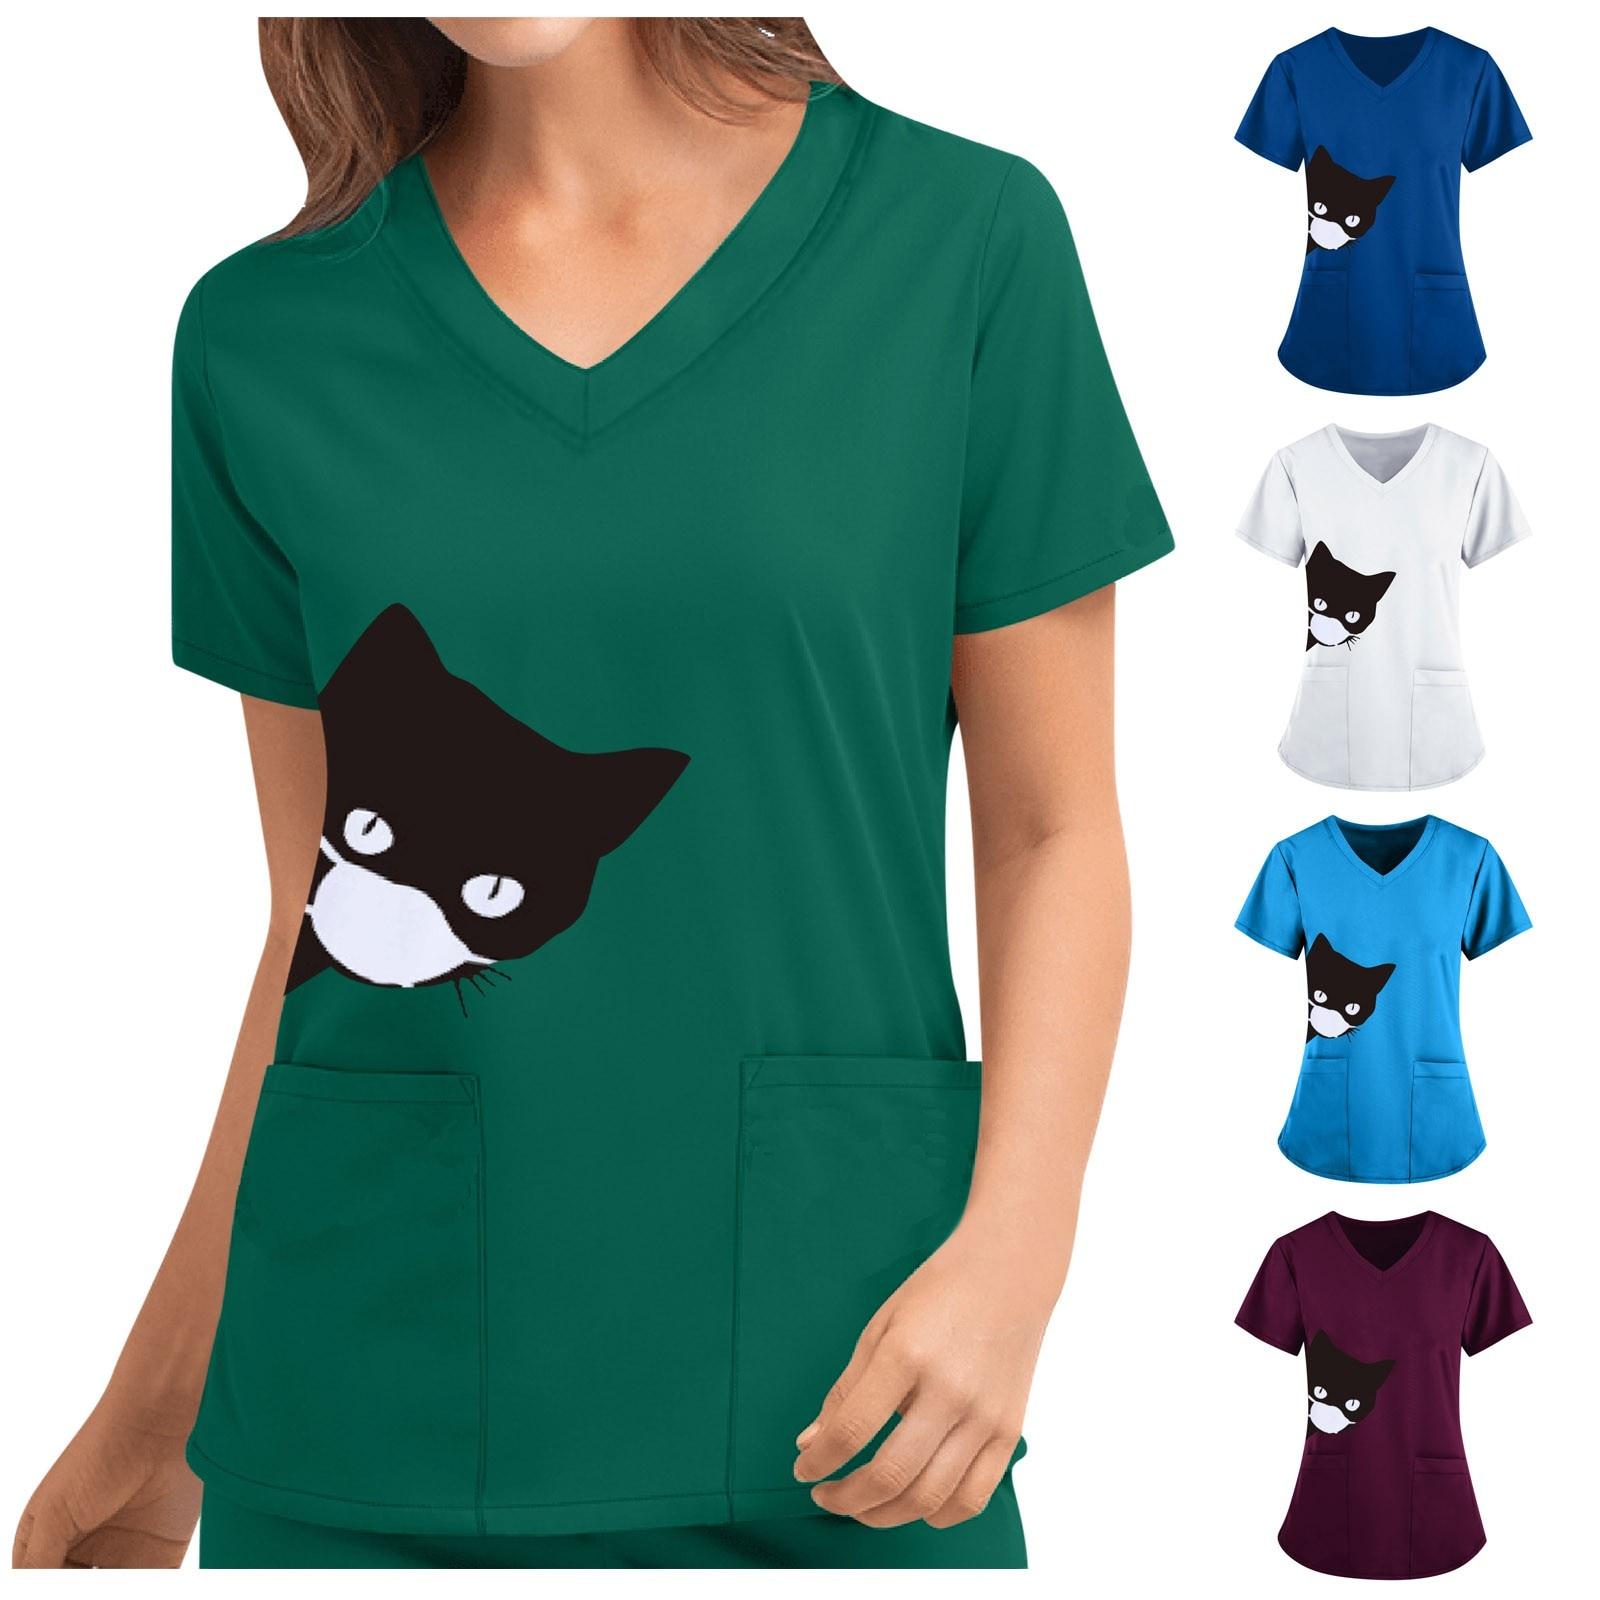 Katze Drucken T shirt Uniform Scrubs Frauen Niedlichen Print Kurzarm V-ausschnitt Top Arbeit Uniform Einfarbig Tasche Top poleras